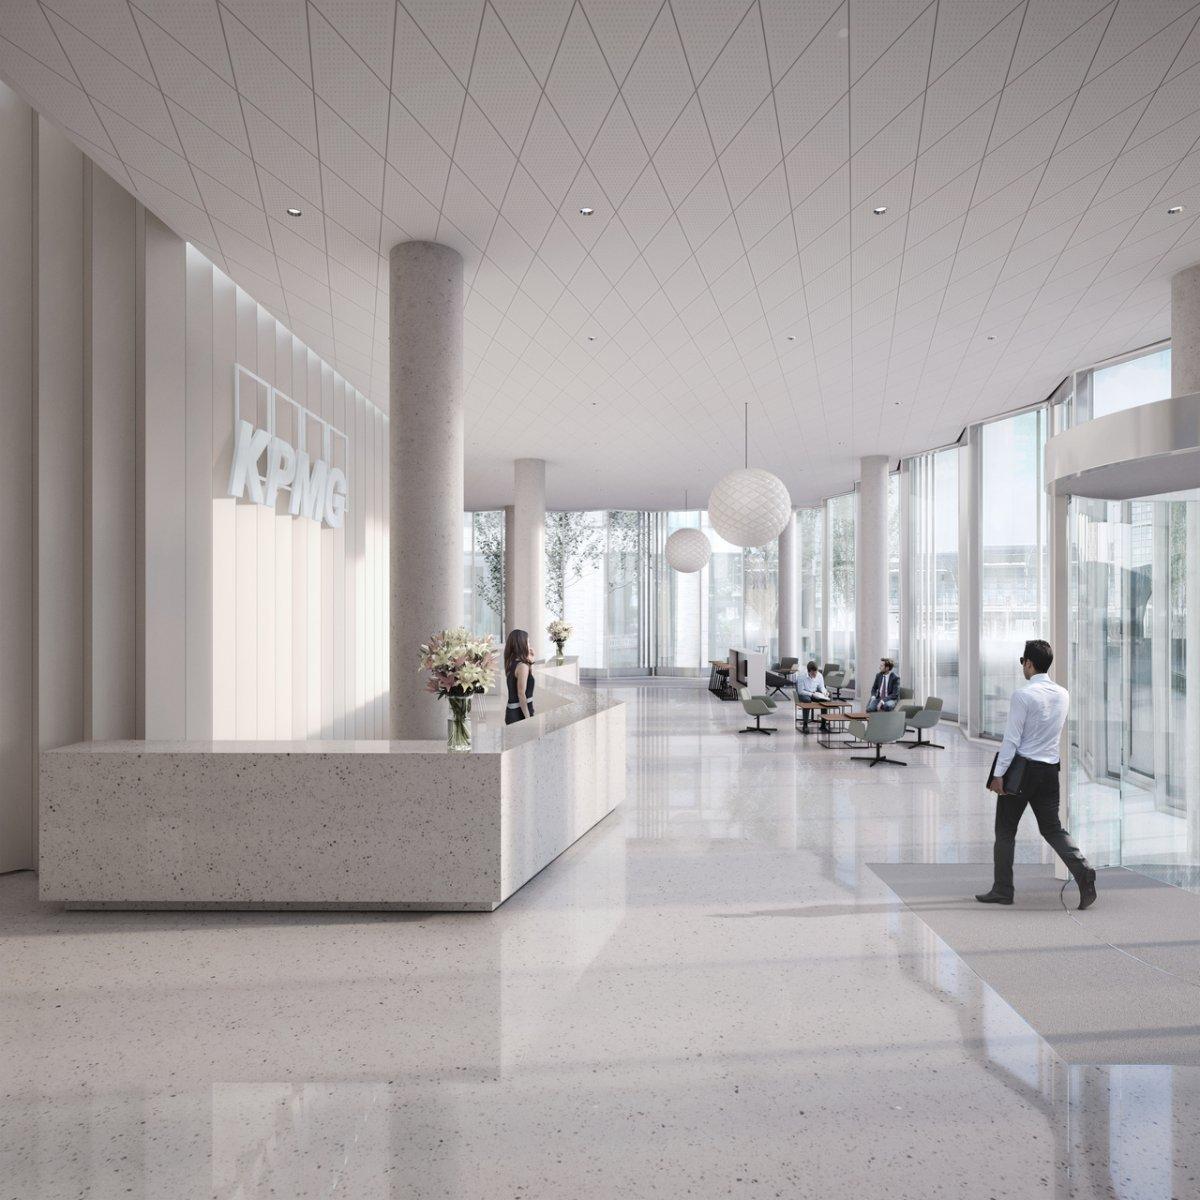 2019-06-23-caimmo-berlin-hochhaus-kpmg-lobby.jpg